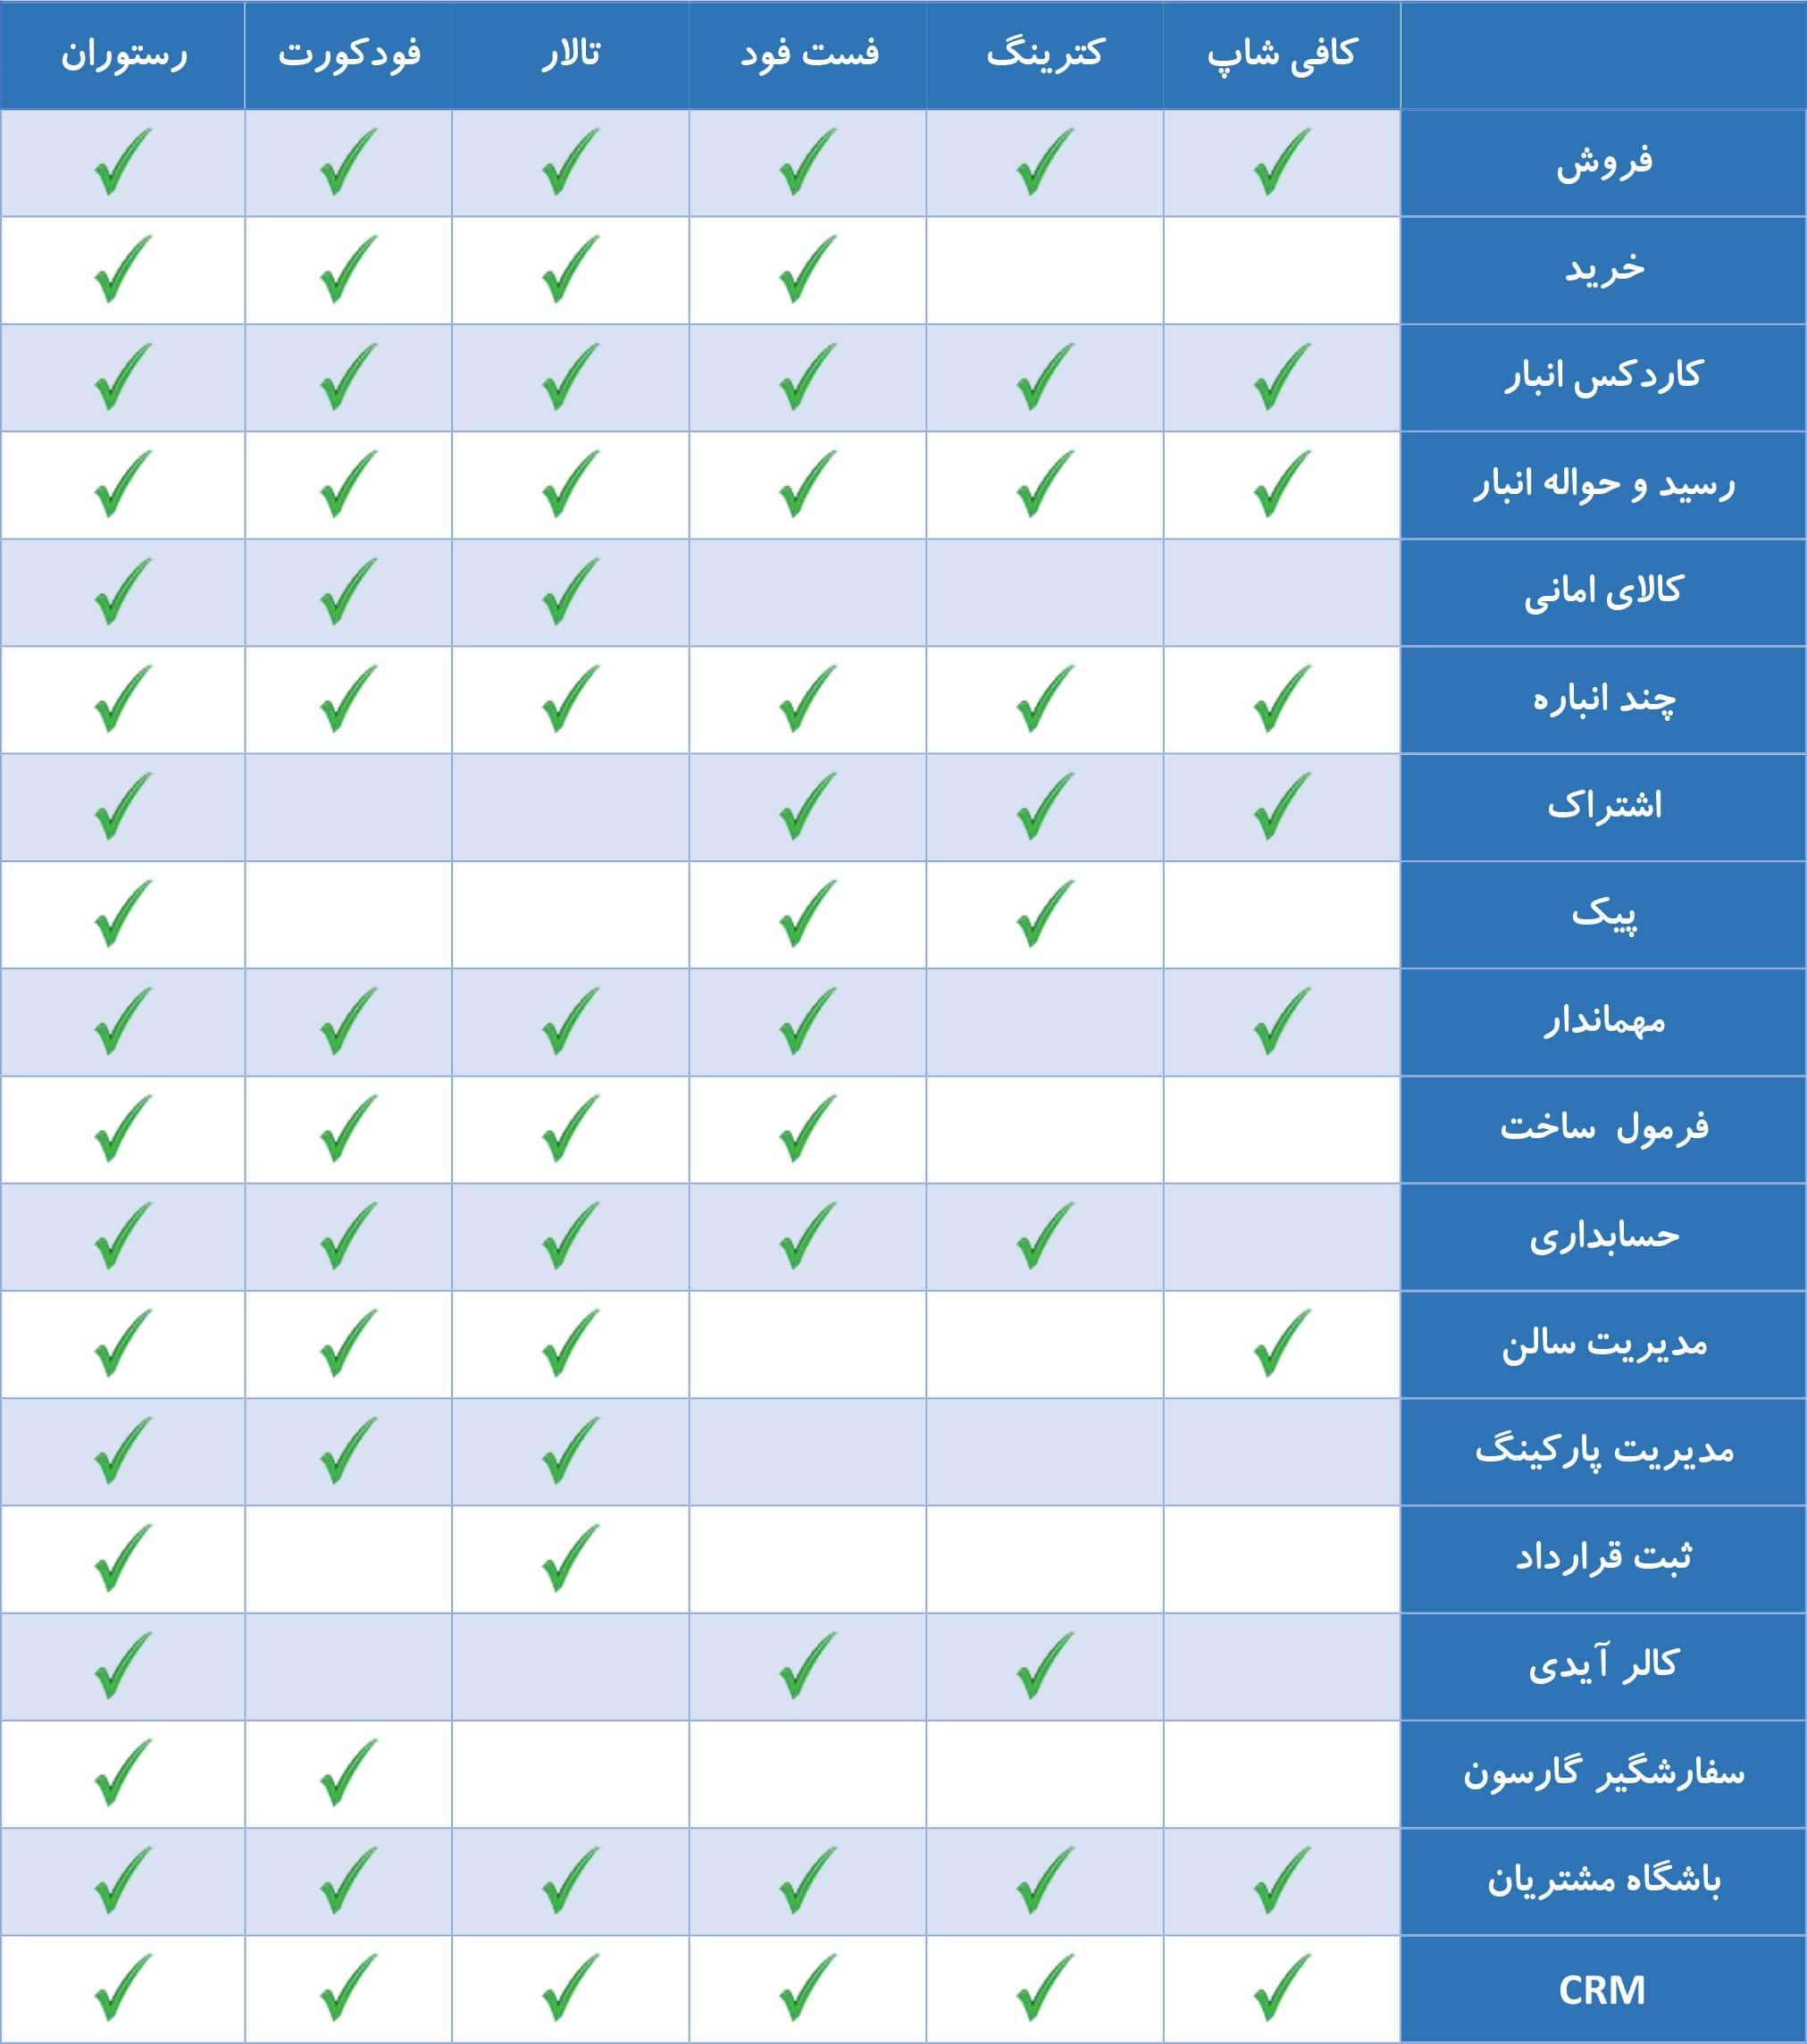 مقایسه نرم افزارهای رستورانی اریانا